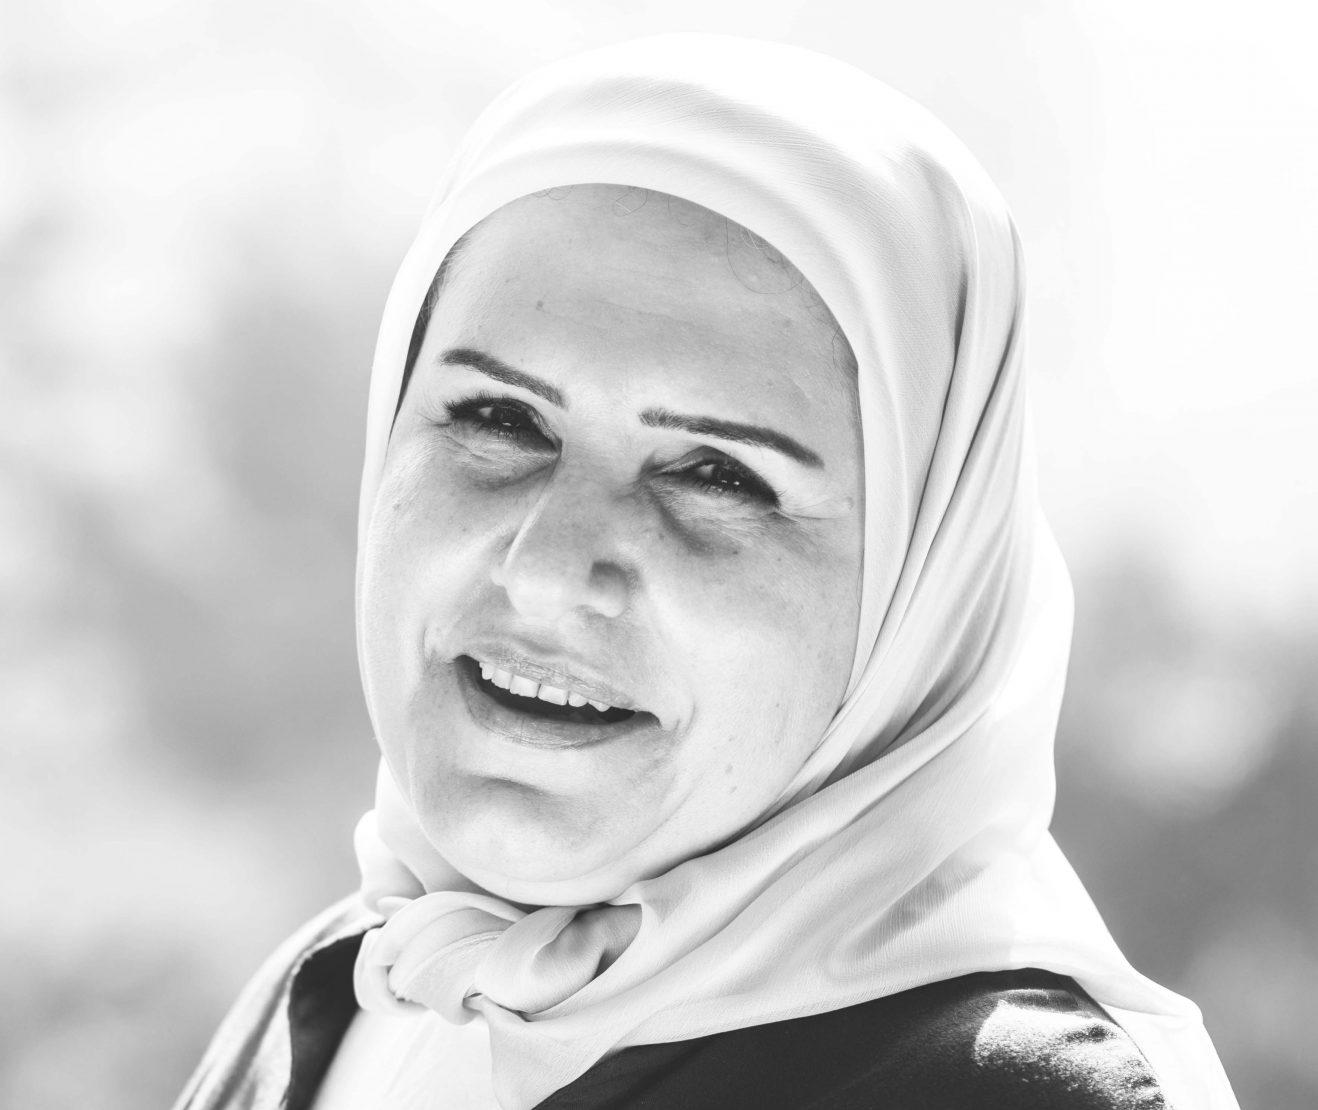 بادية فحص - صحافية وكاتبة لبنانية